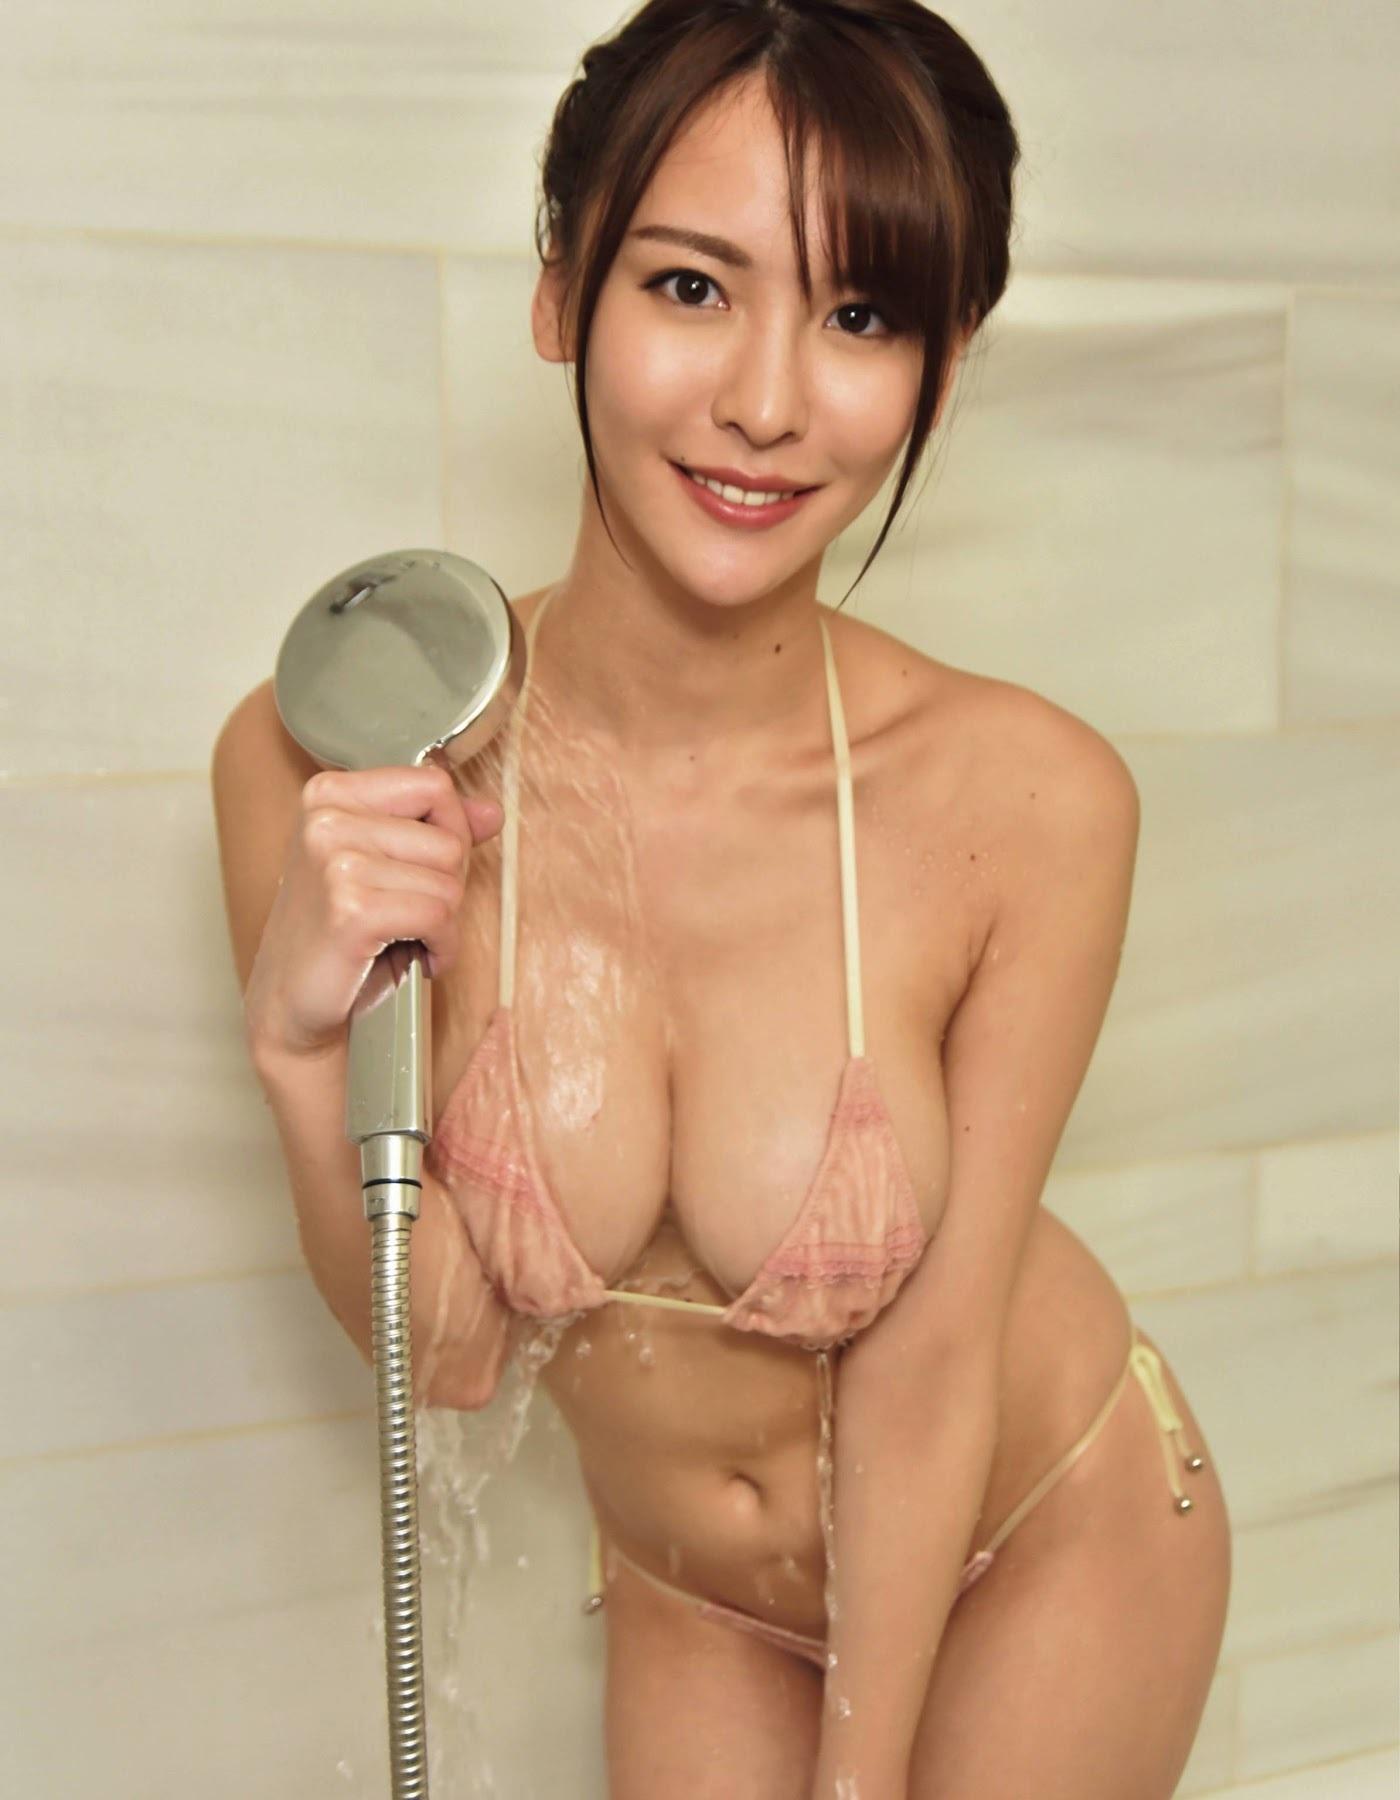 九头身日本甜姐儿奈月Sena性感比基尼美照 福利吧 热图8